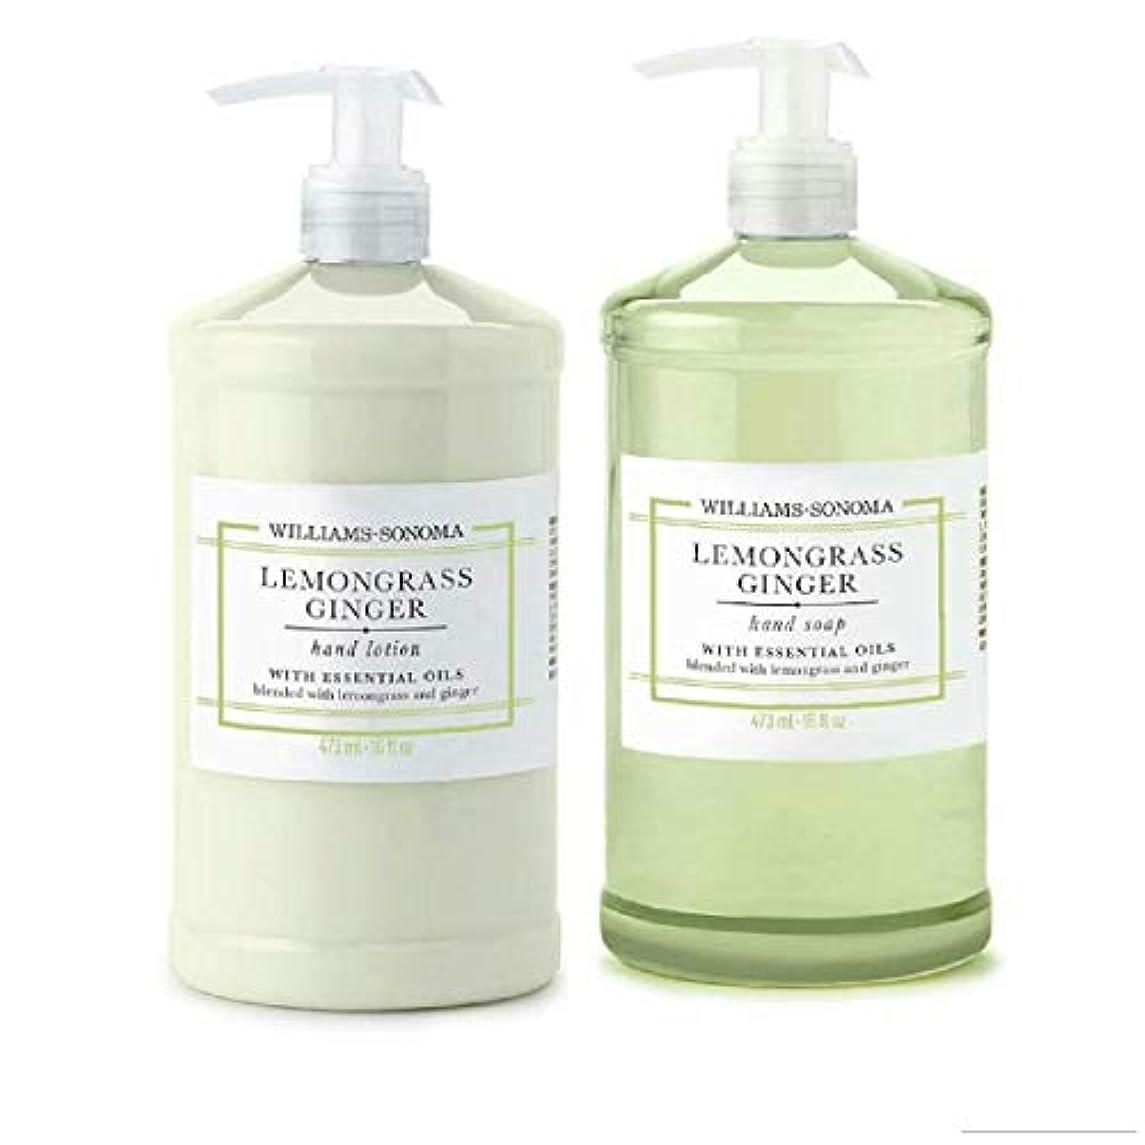 足ボトルネック欠如Williams Sonoma Lemongrass Ginger Hand Soap and Hand Lotion 16 oz each [並行輸入品]